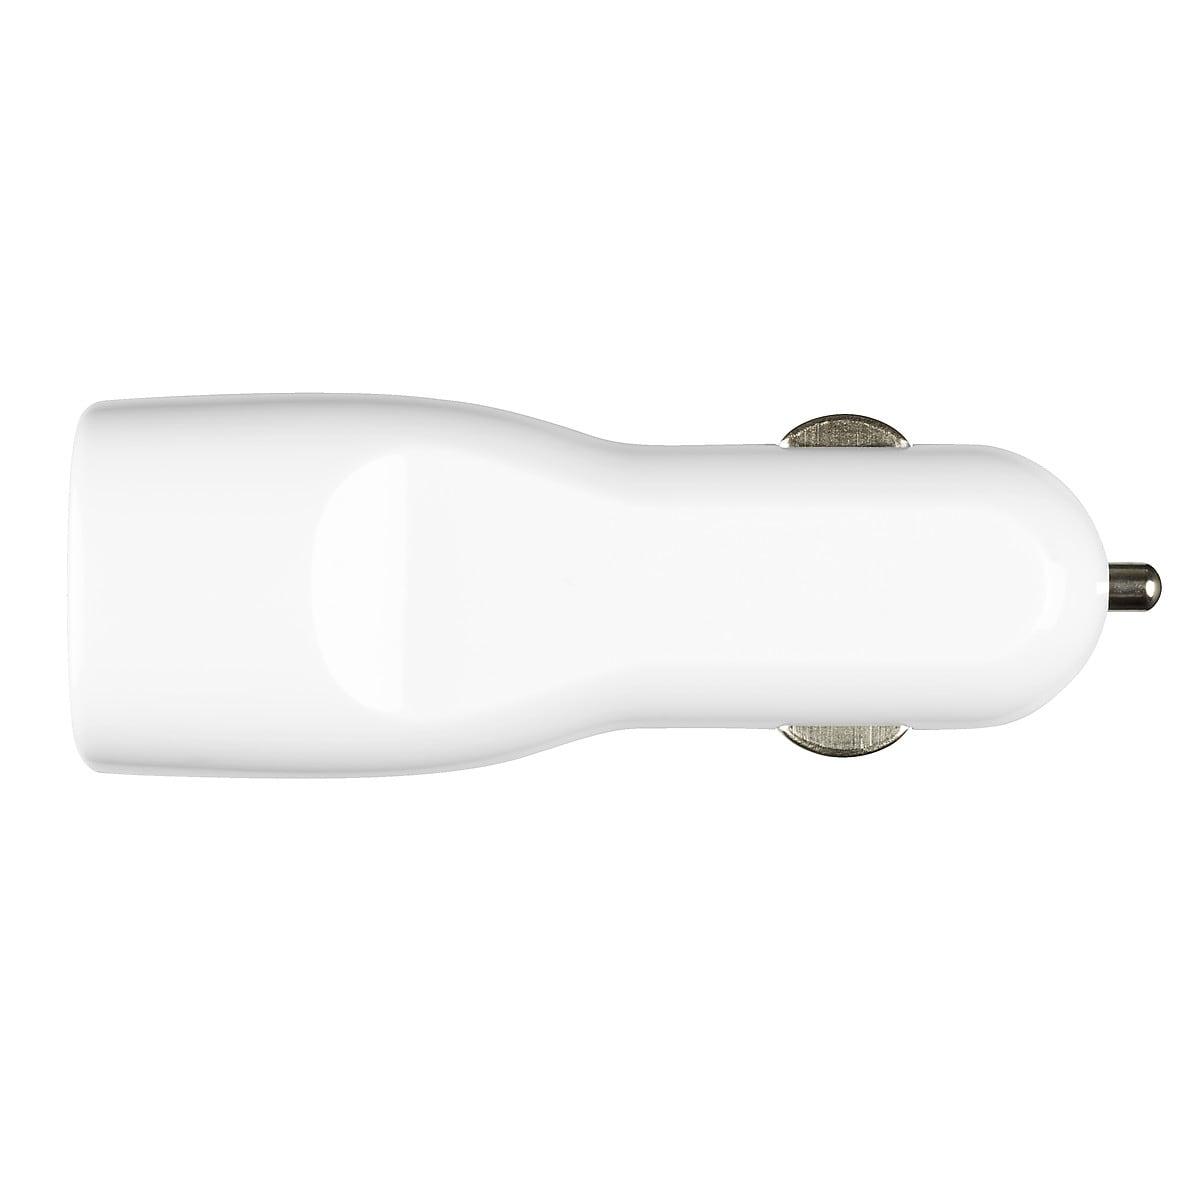 USB-laddare 12/24 V Clas Ohlson